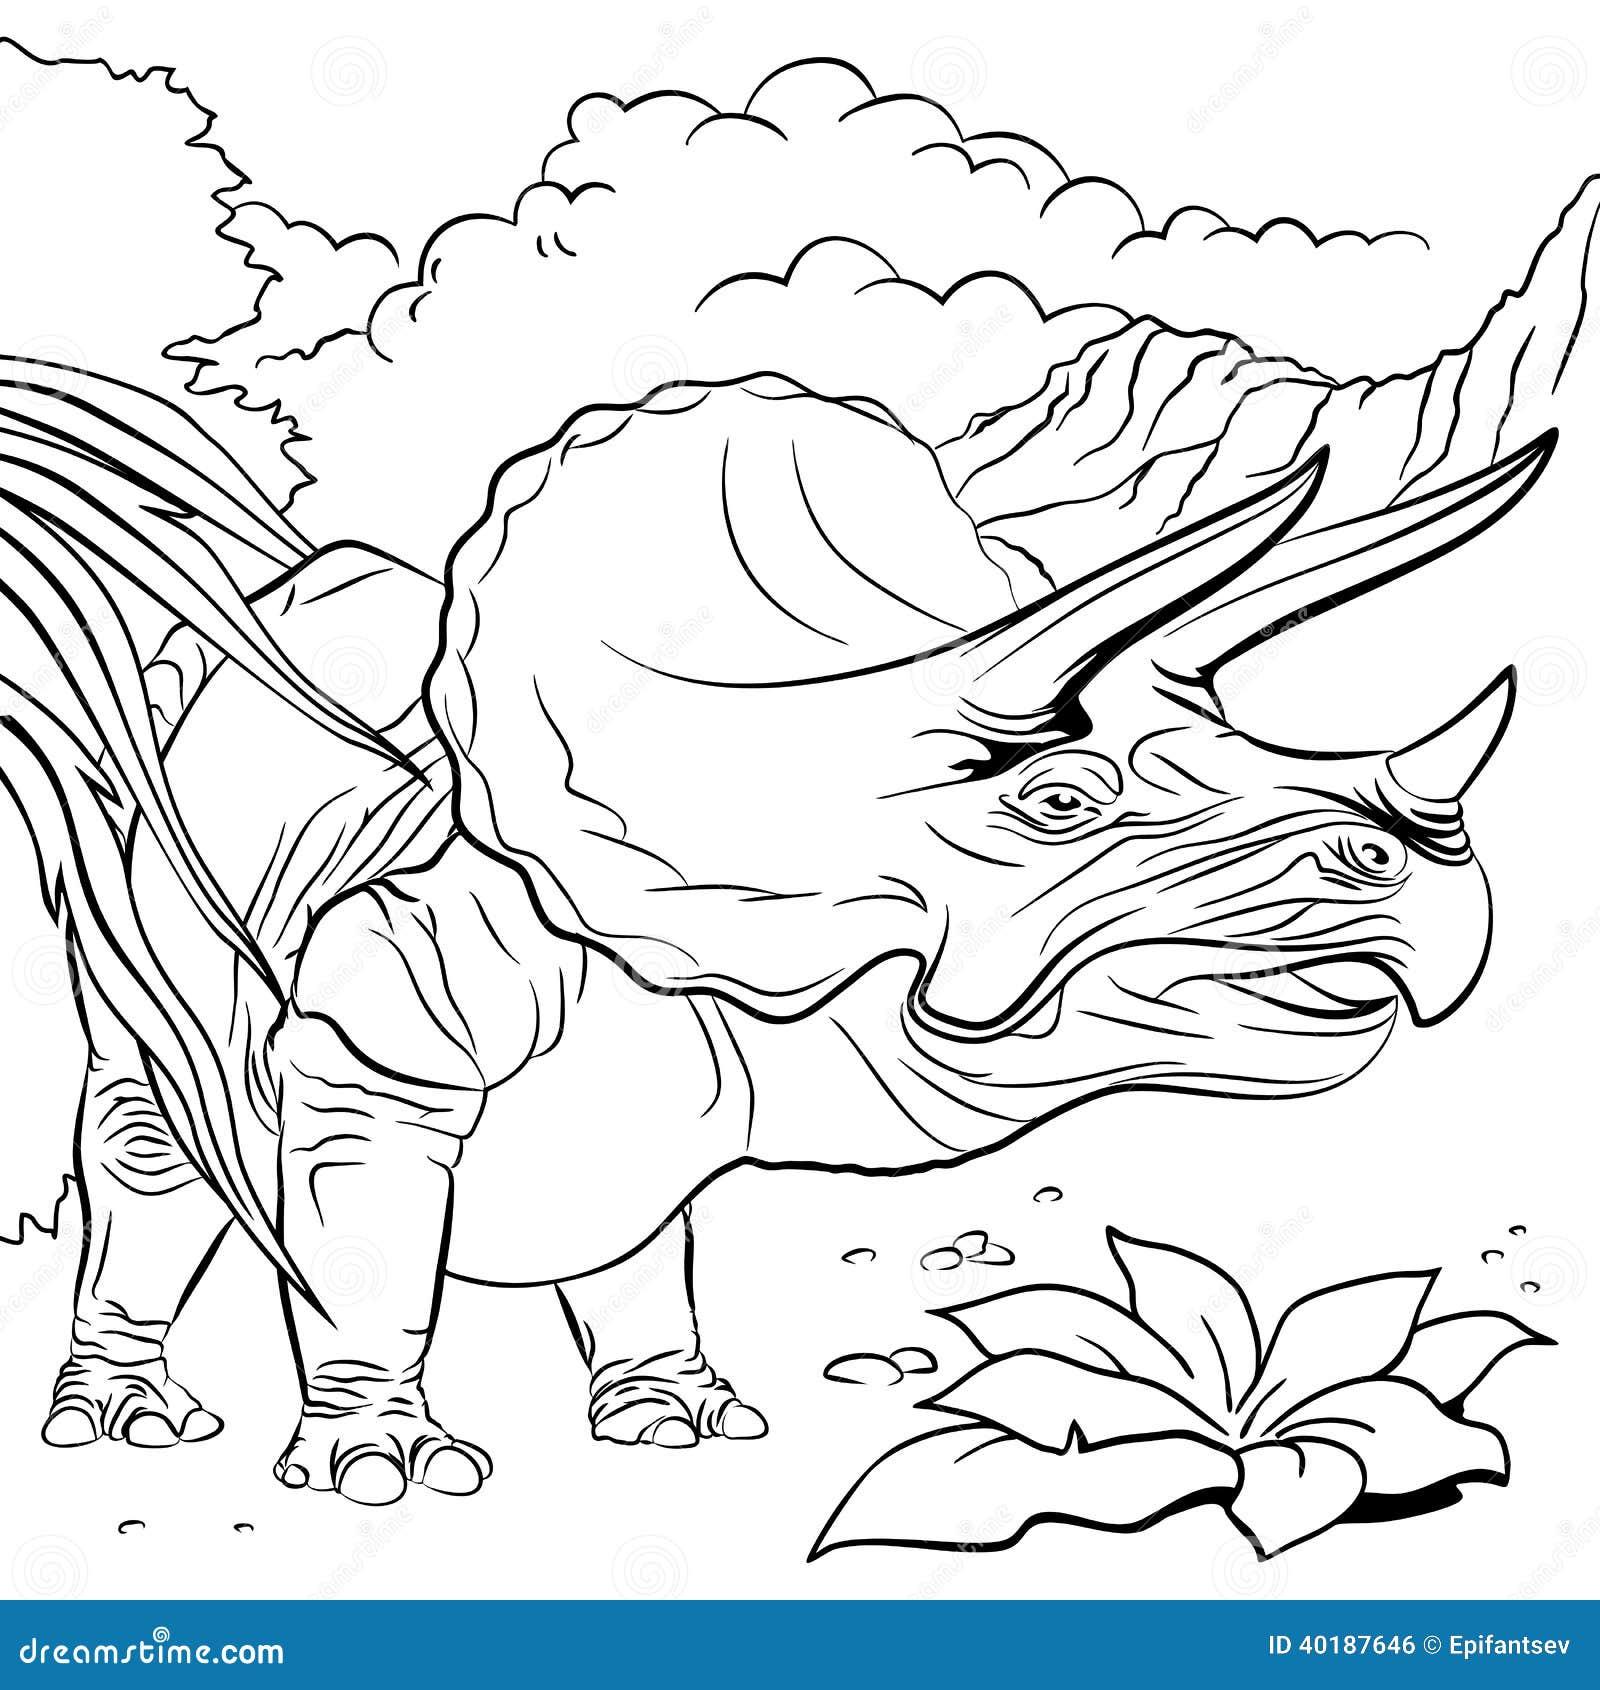 immagini di dinosauri da color are